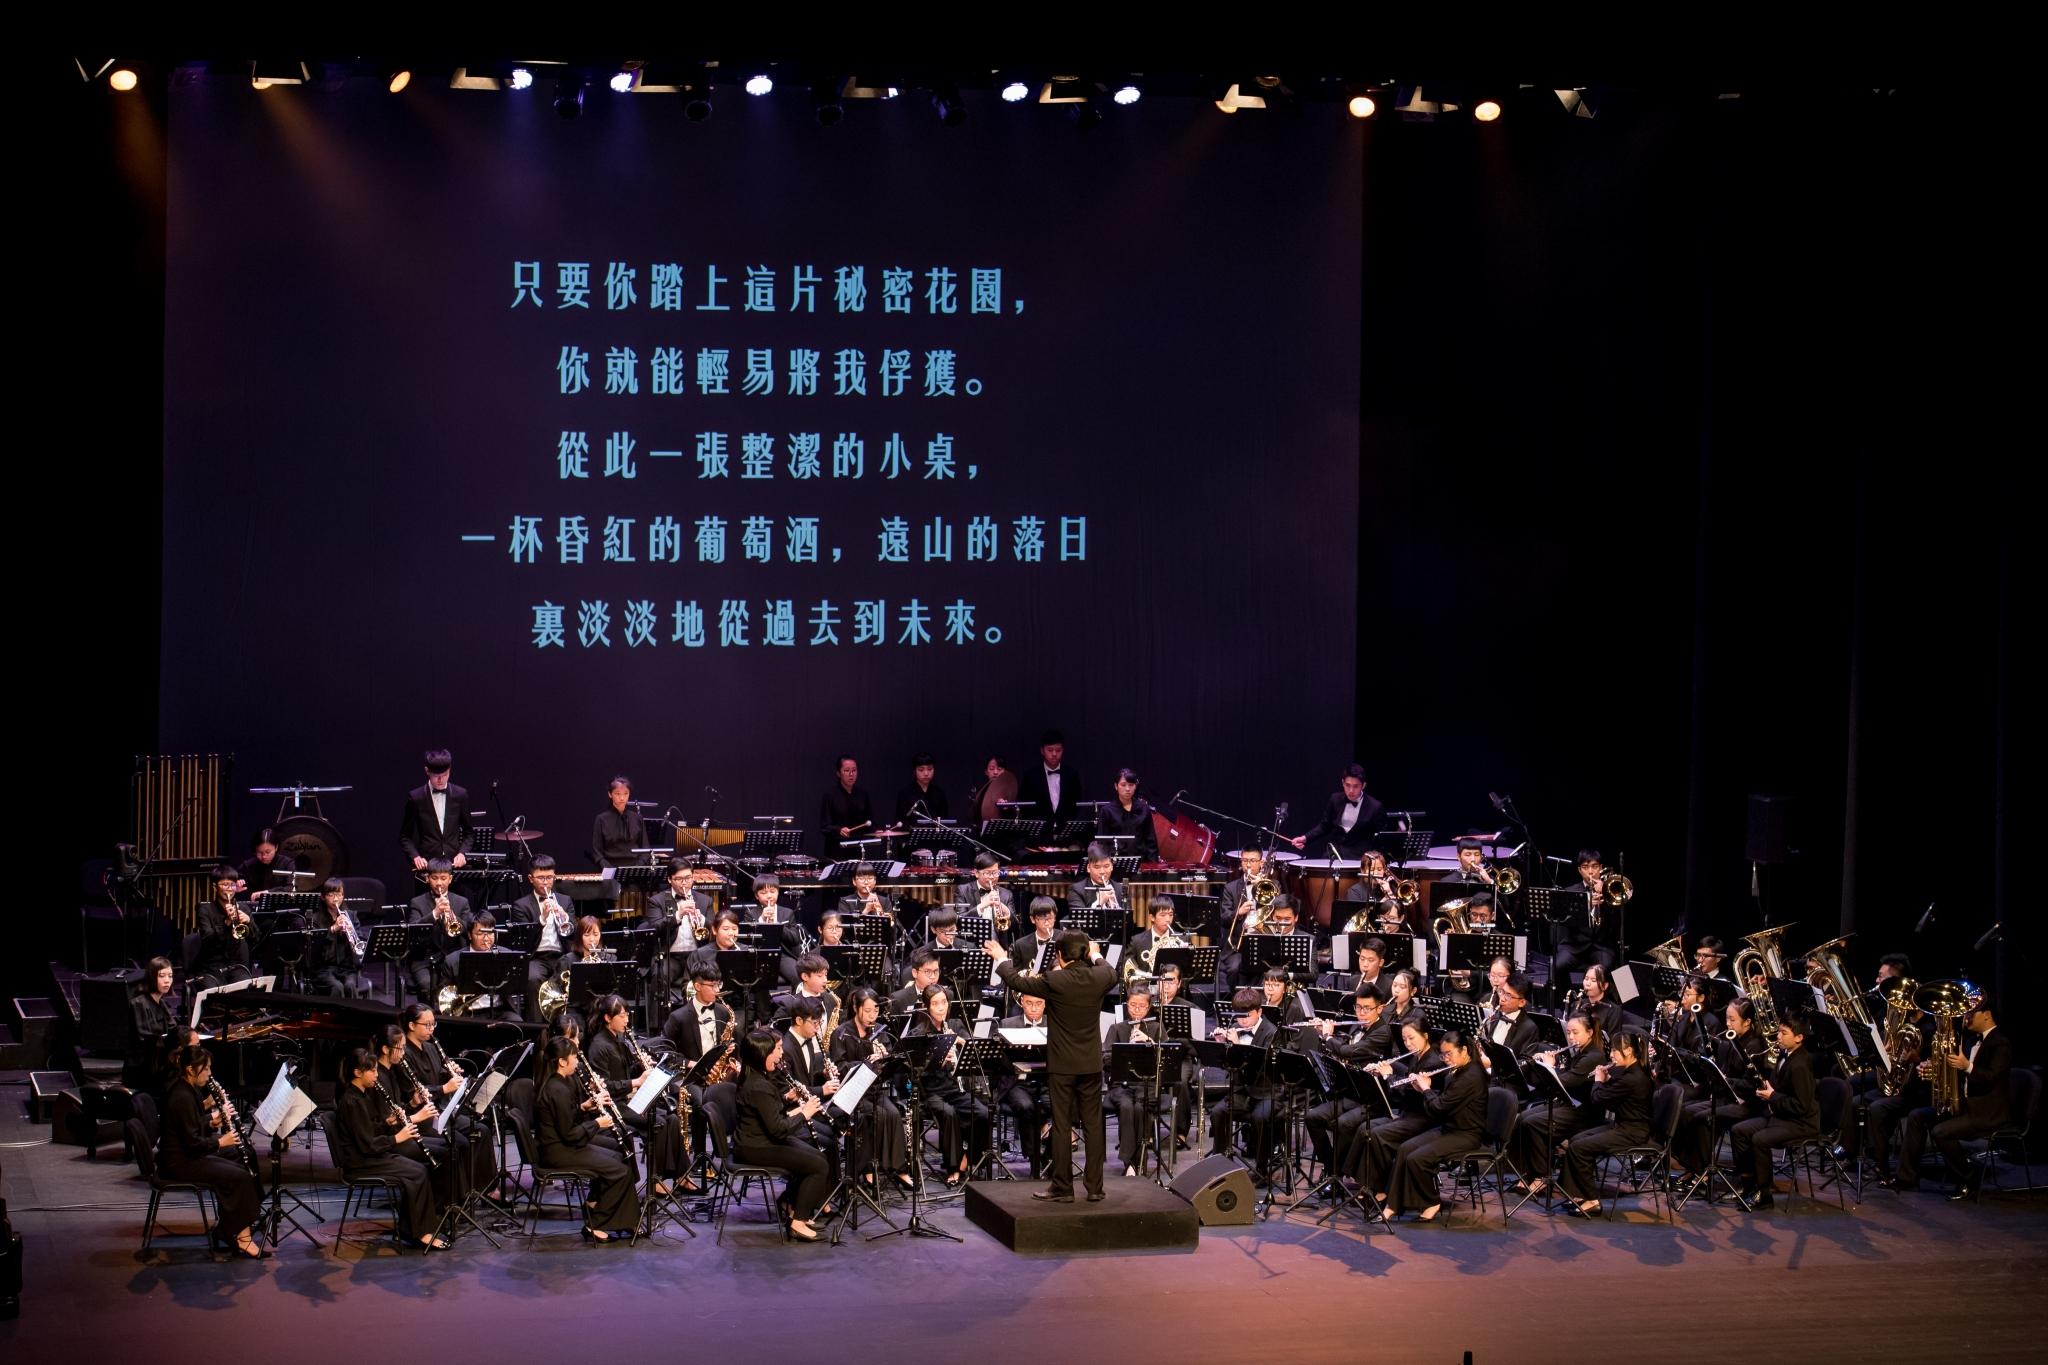 《最愛久石讓――澳門青年管樂團音樂會》演出相片(劇照由澳門基金會提供)